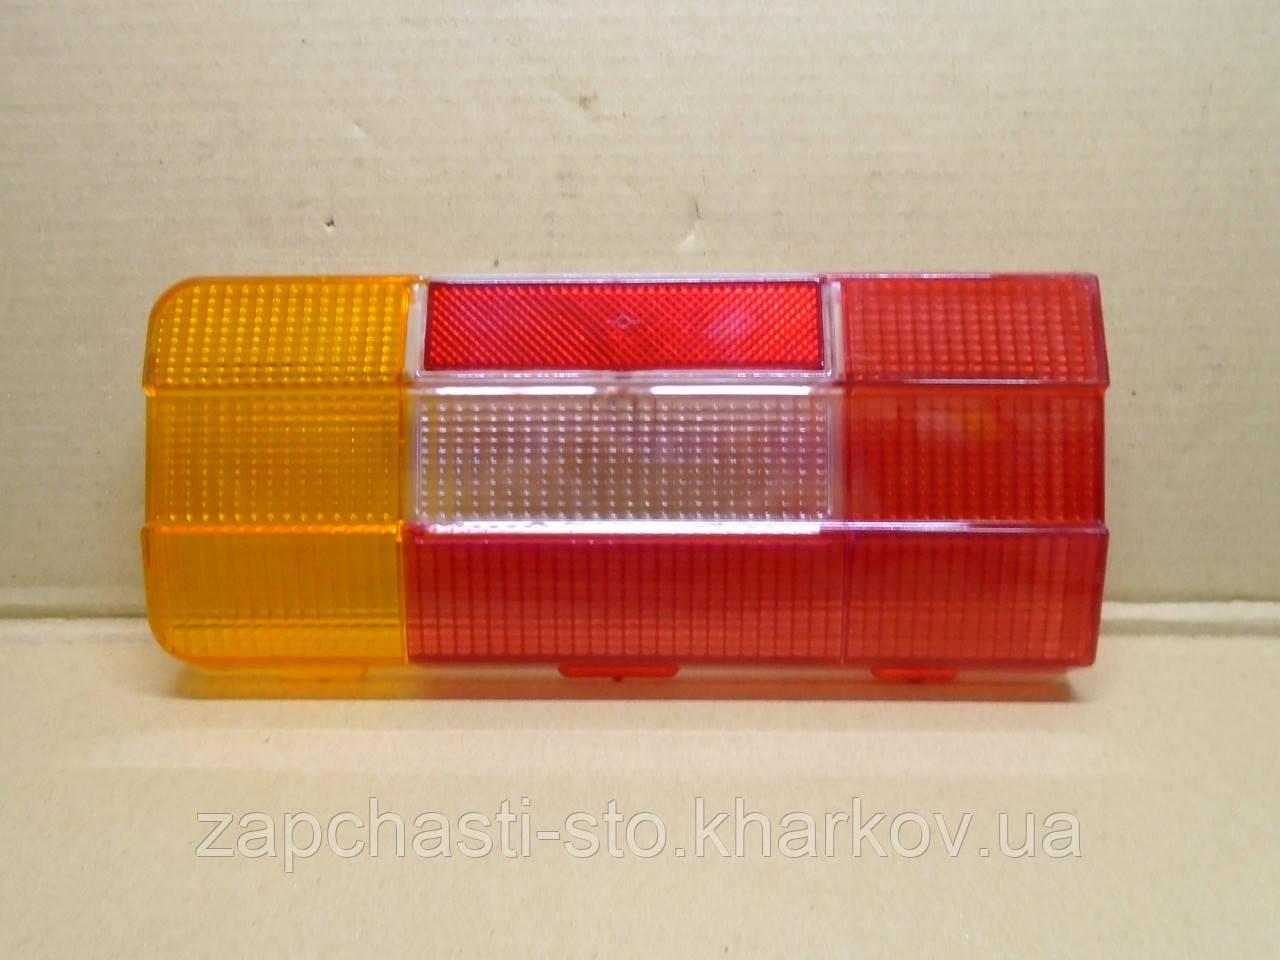 Стекло заднего фонаря ВАЗ 2106, 2121 Нива левое